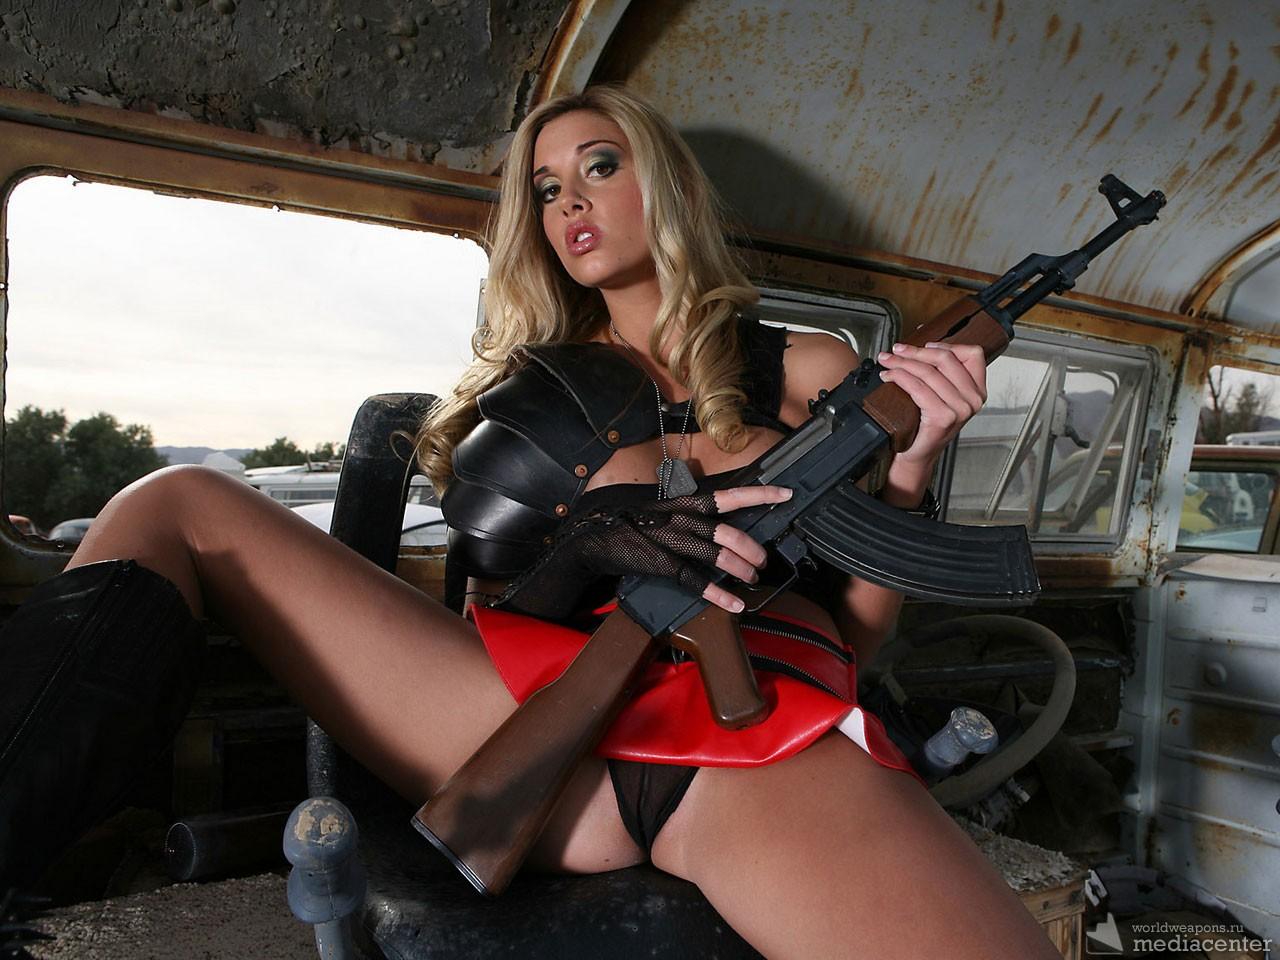 Сексуальные приколы с оружием смотреть онлайн бесплатно 23 фотография